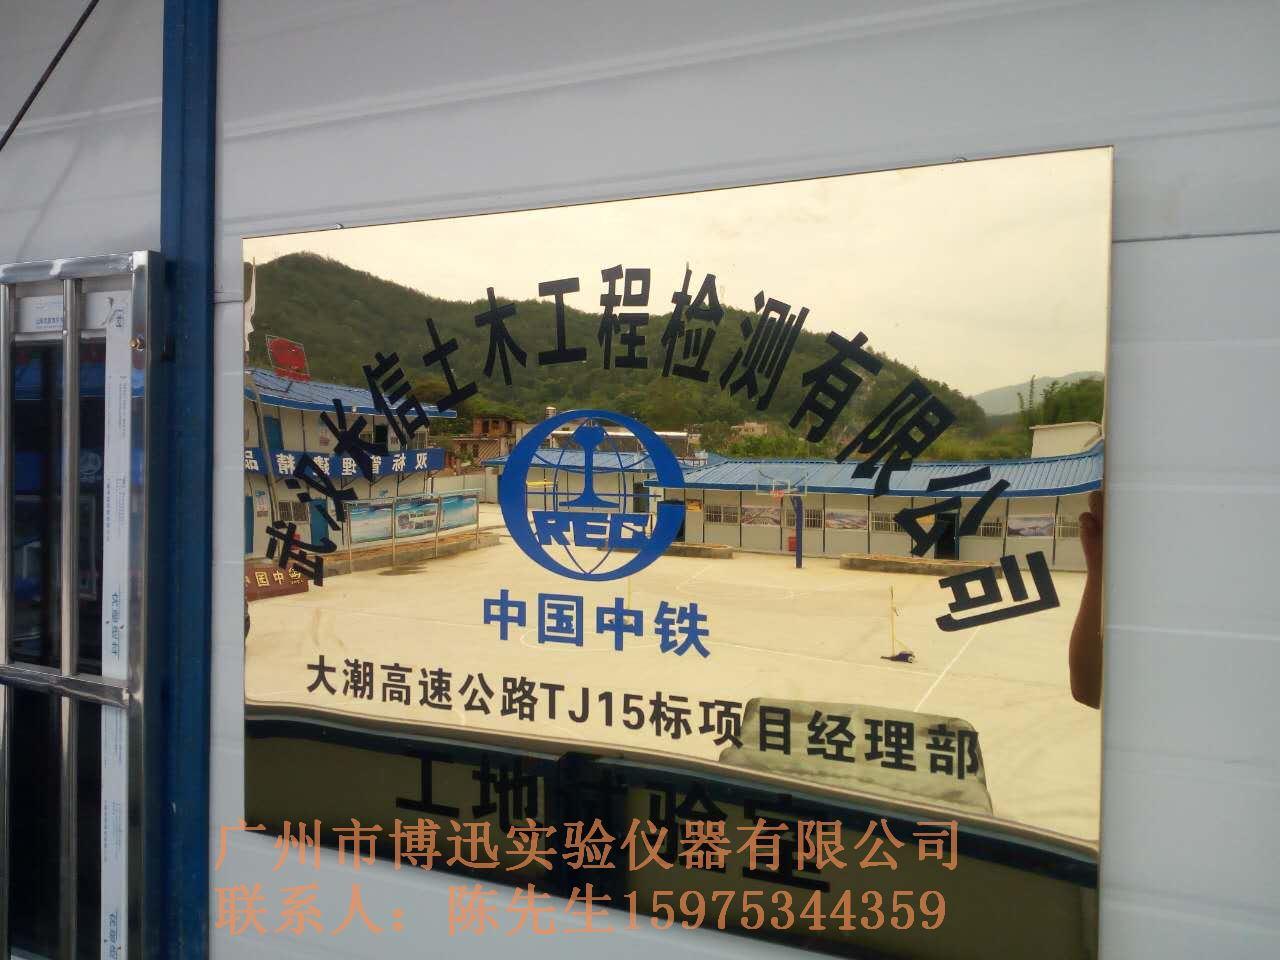 武汉长信土木工程检测有限公司(大潮高速公路TJ15标项目)